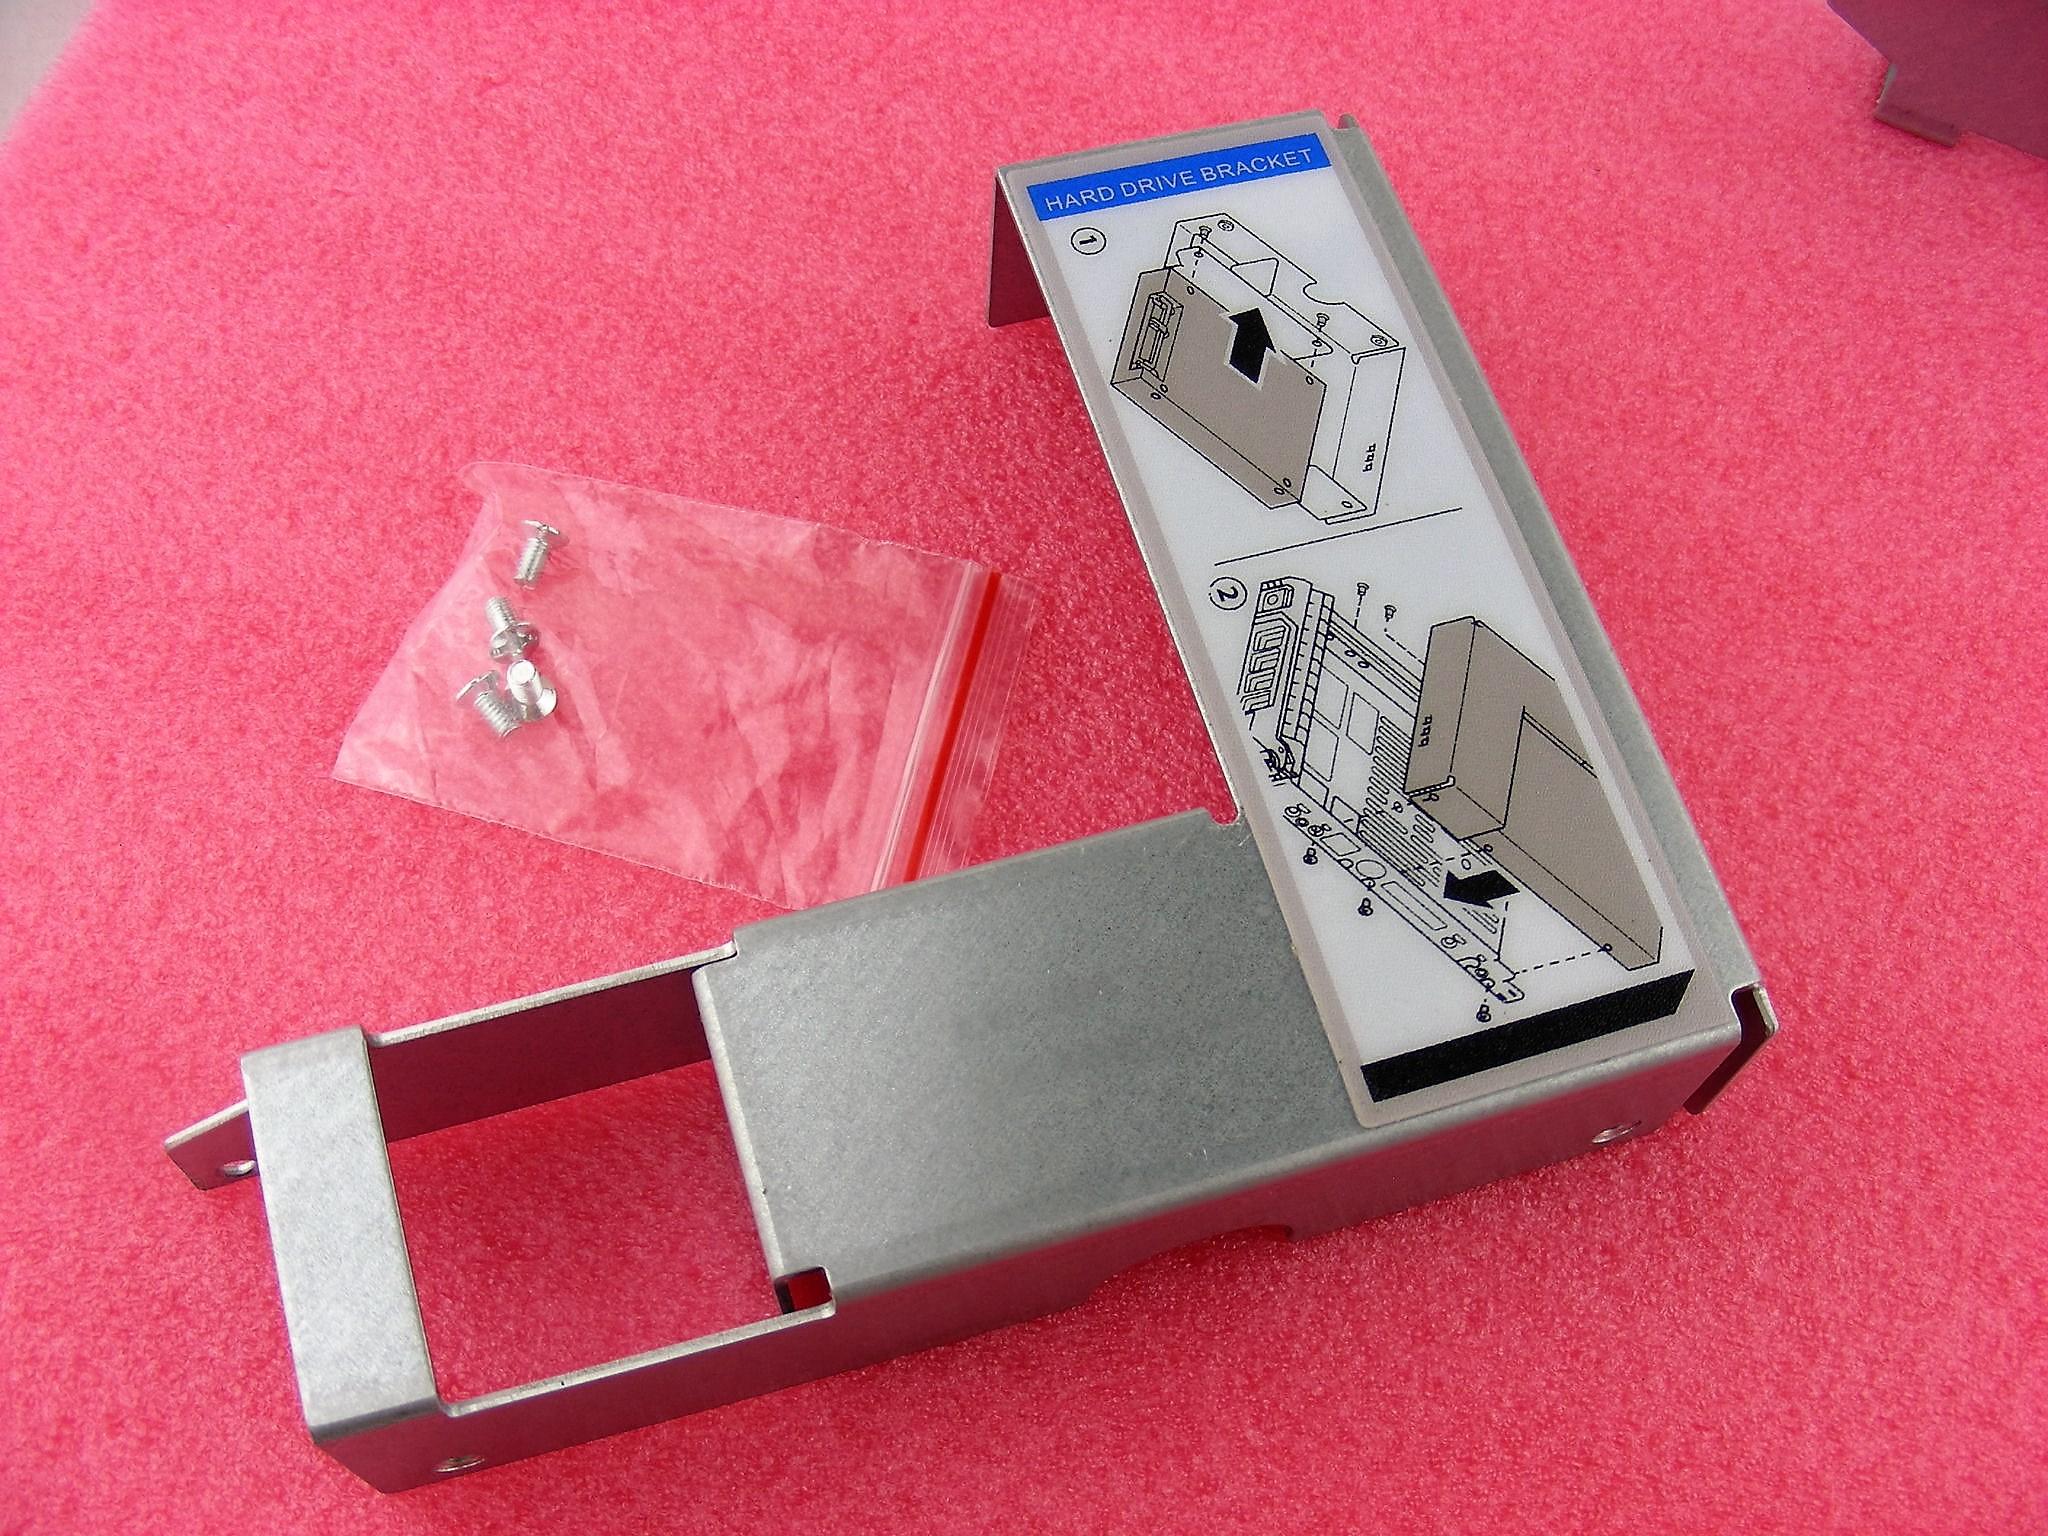 Содействовать 9W8C4 изменение полка 2.5 поворот 3.5 дюймовый жесткий диск кронштейн применимый одежда для бизнес устройство